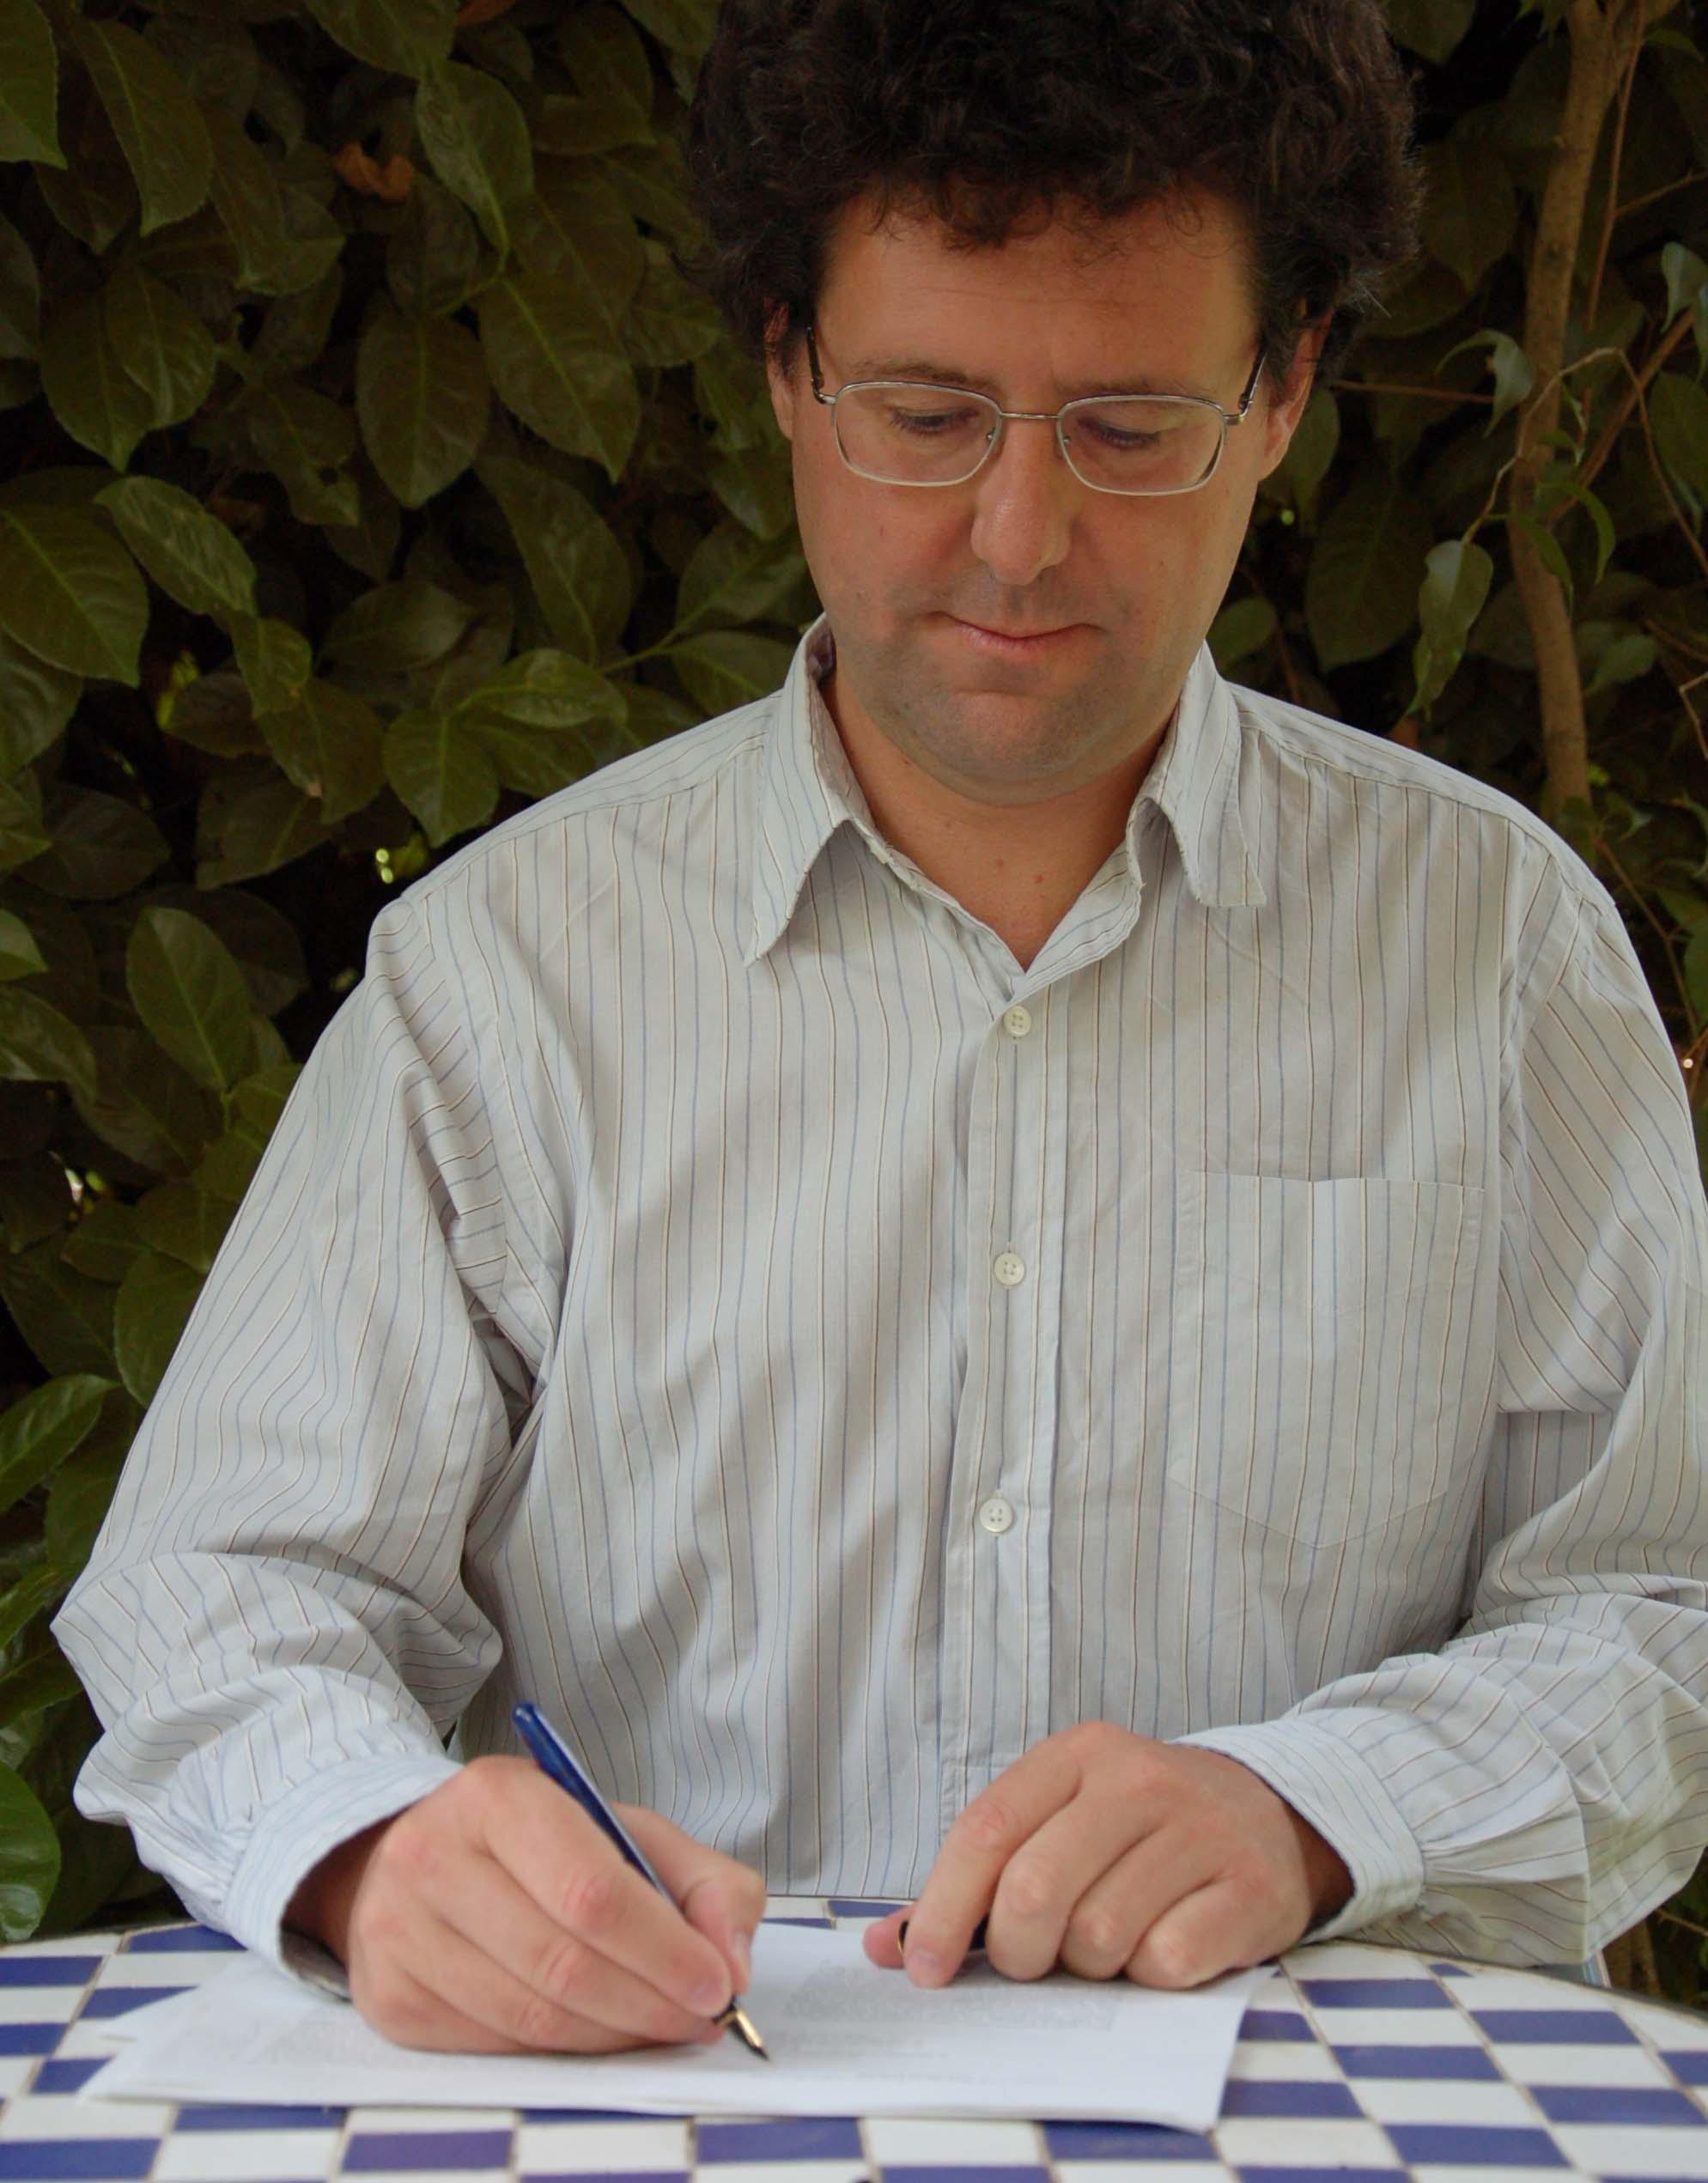 Andreas Barella